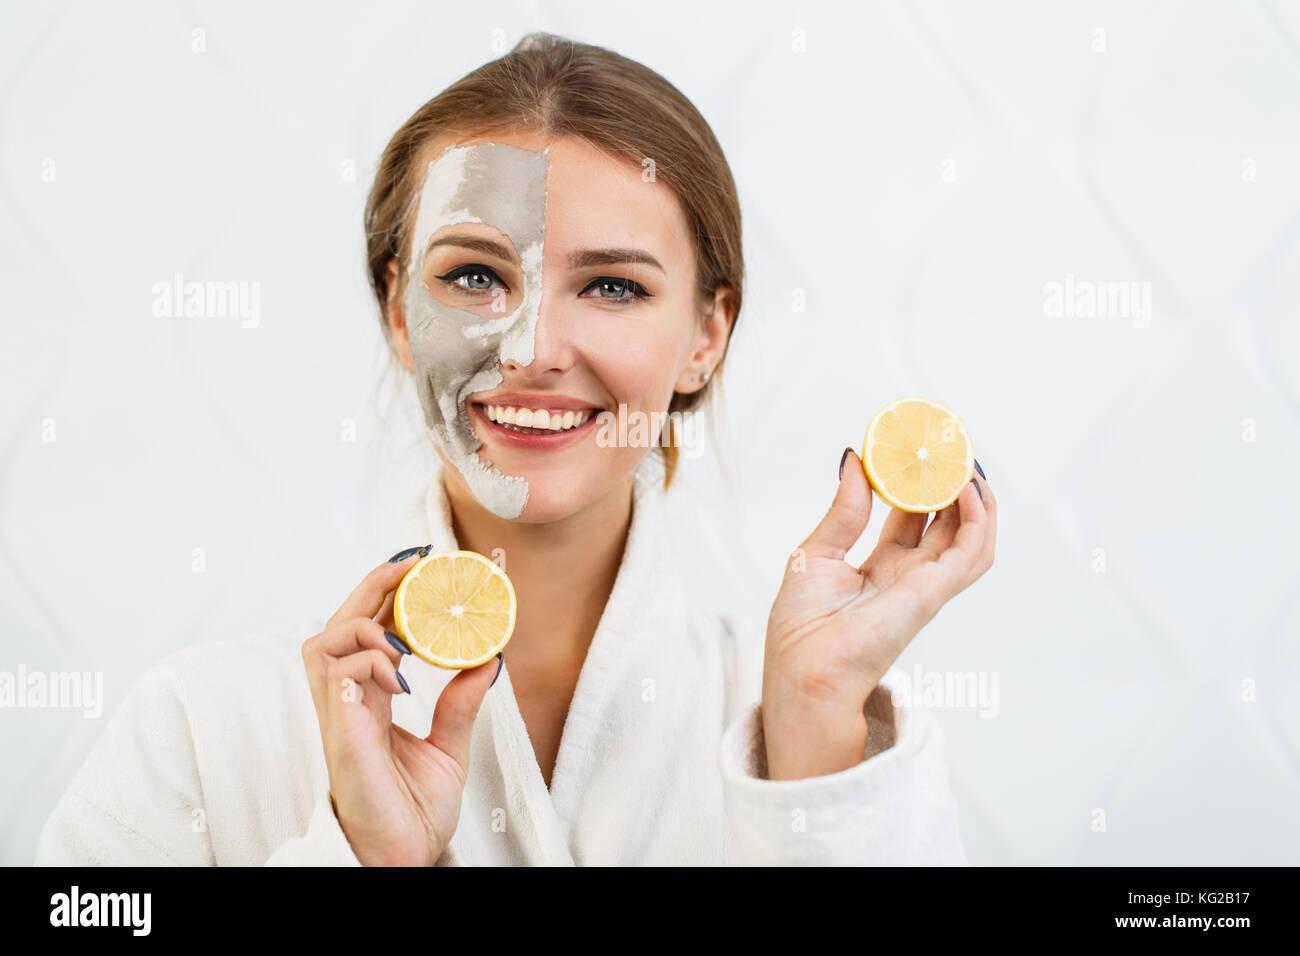 Lovely Girl with Lemon - Stock Image